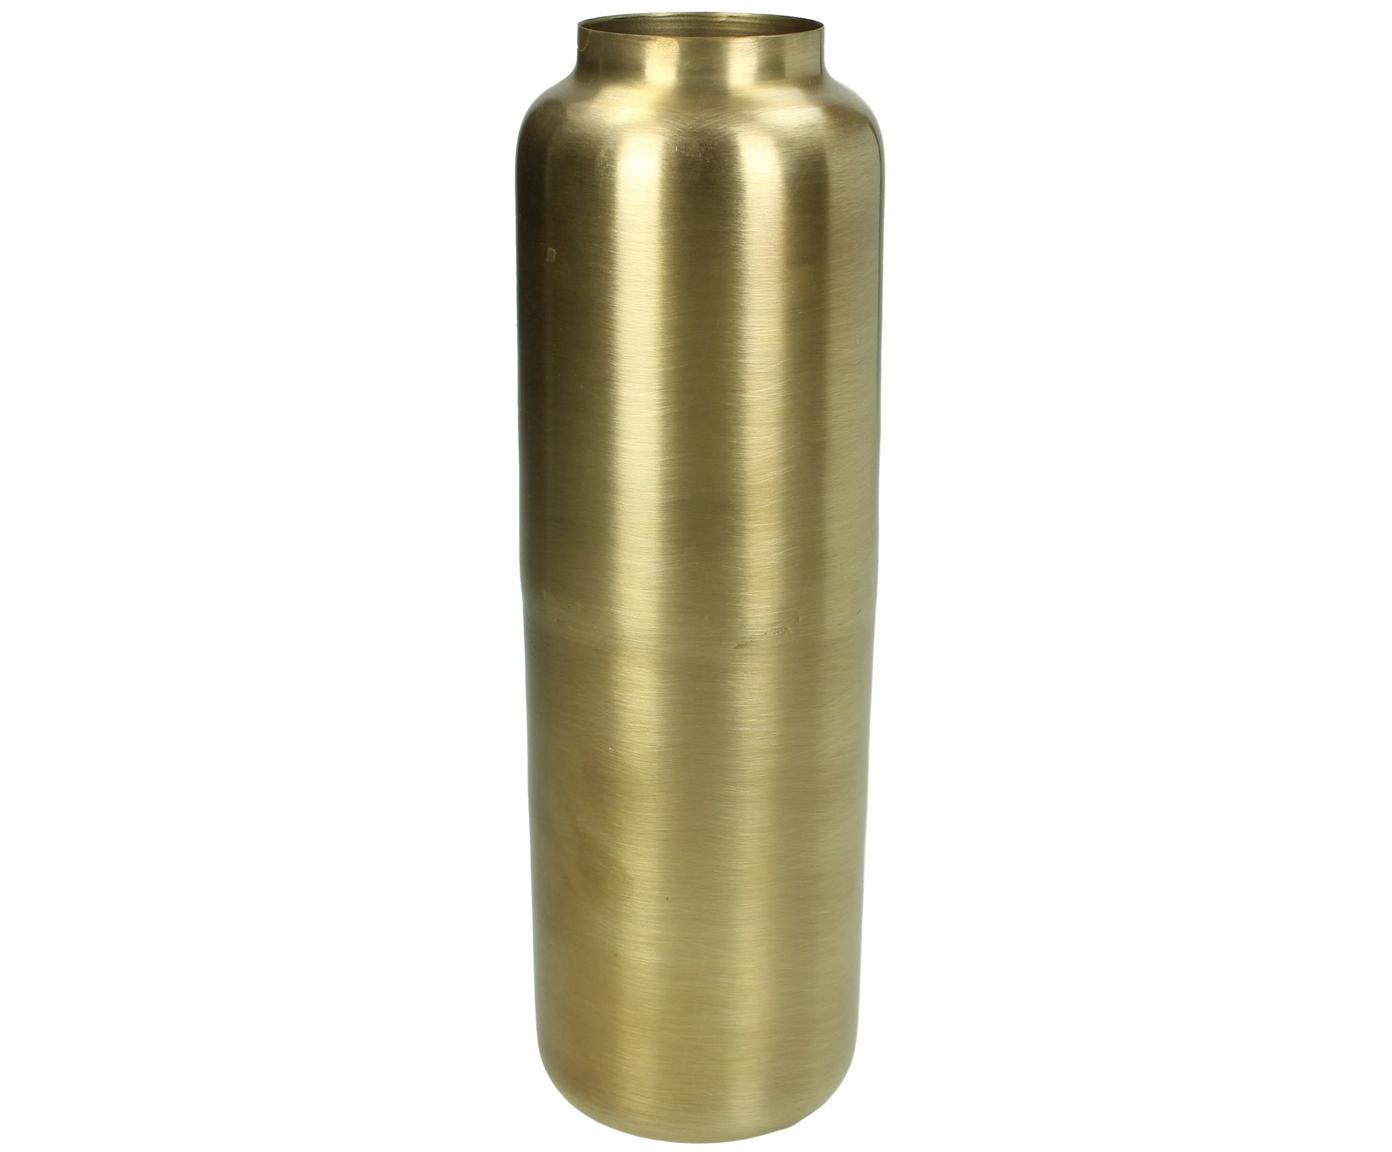 Vaso in metallo Blackwater, Metallo rivestito, Ottonato, Ø 9 x Alt. 26 cm